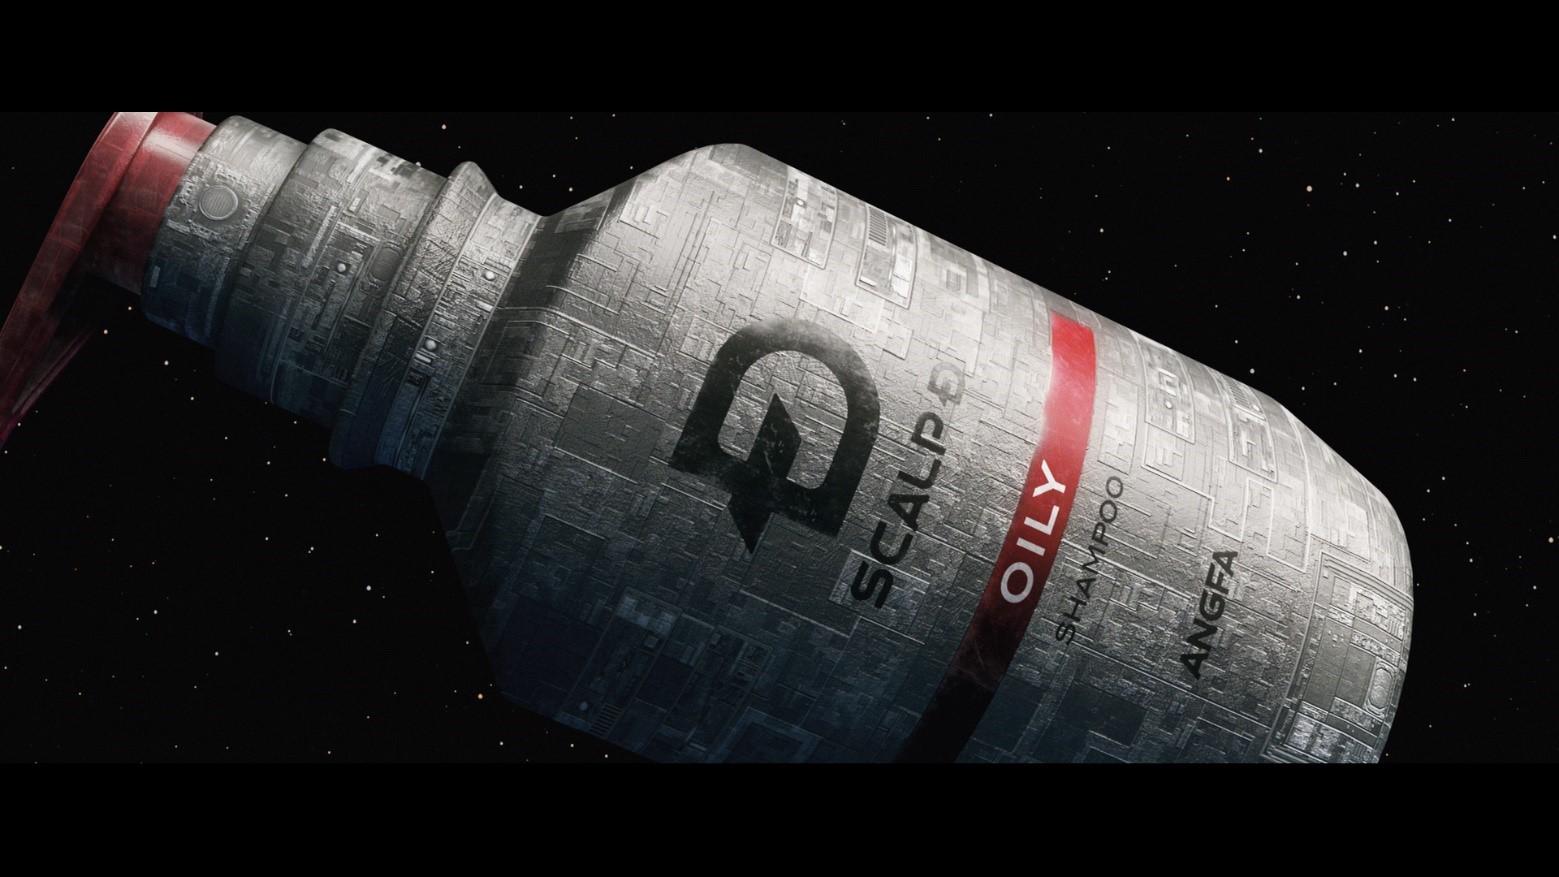 スカルプDのボトルが宇宙船に!? 「スター・ウォーズ/スカイウォーカーの夜明け」のオリジナルCM公開